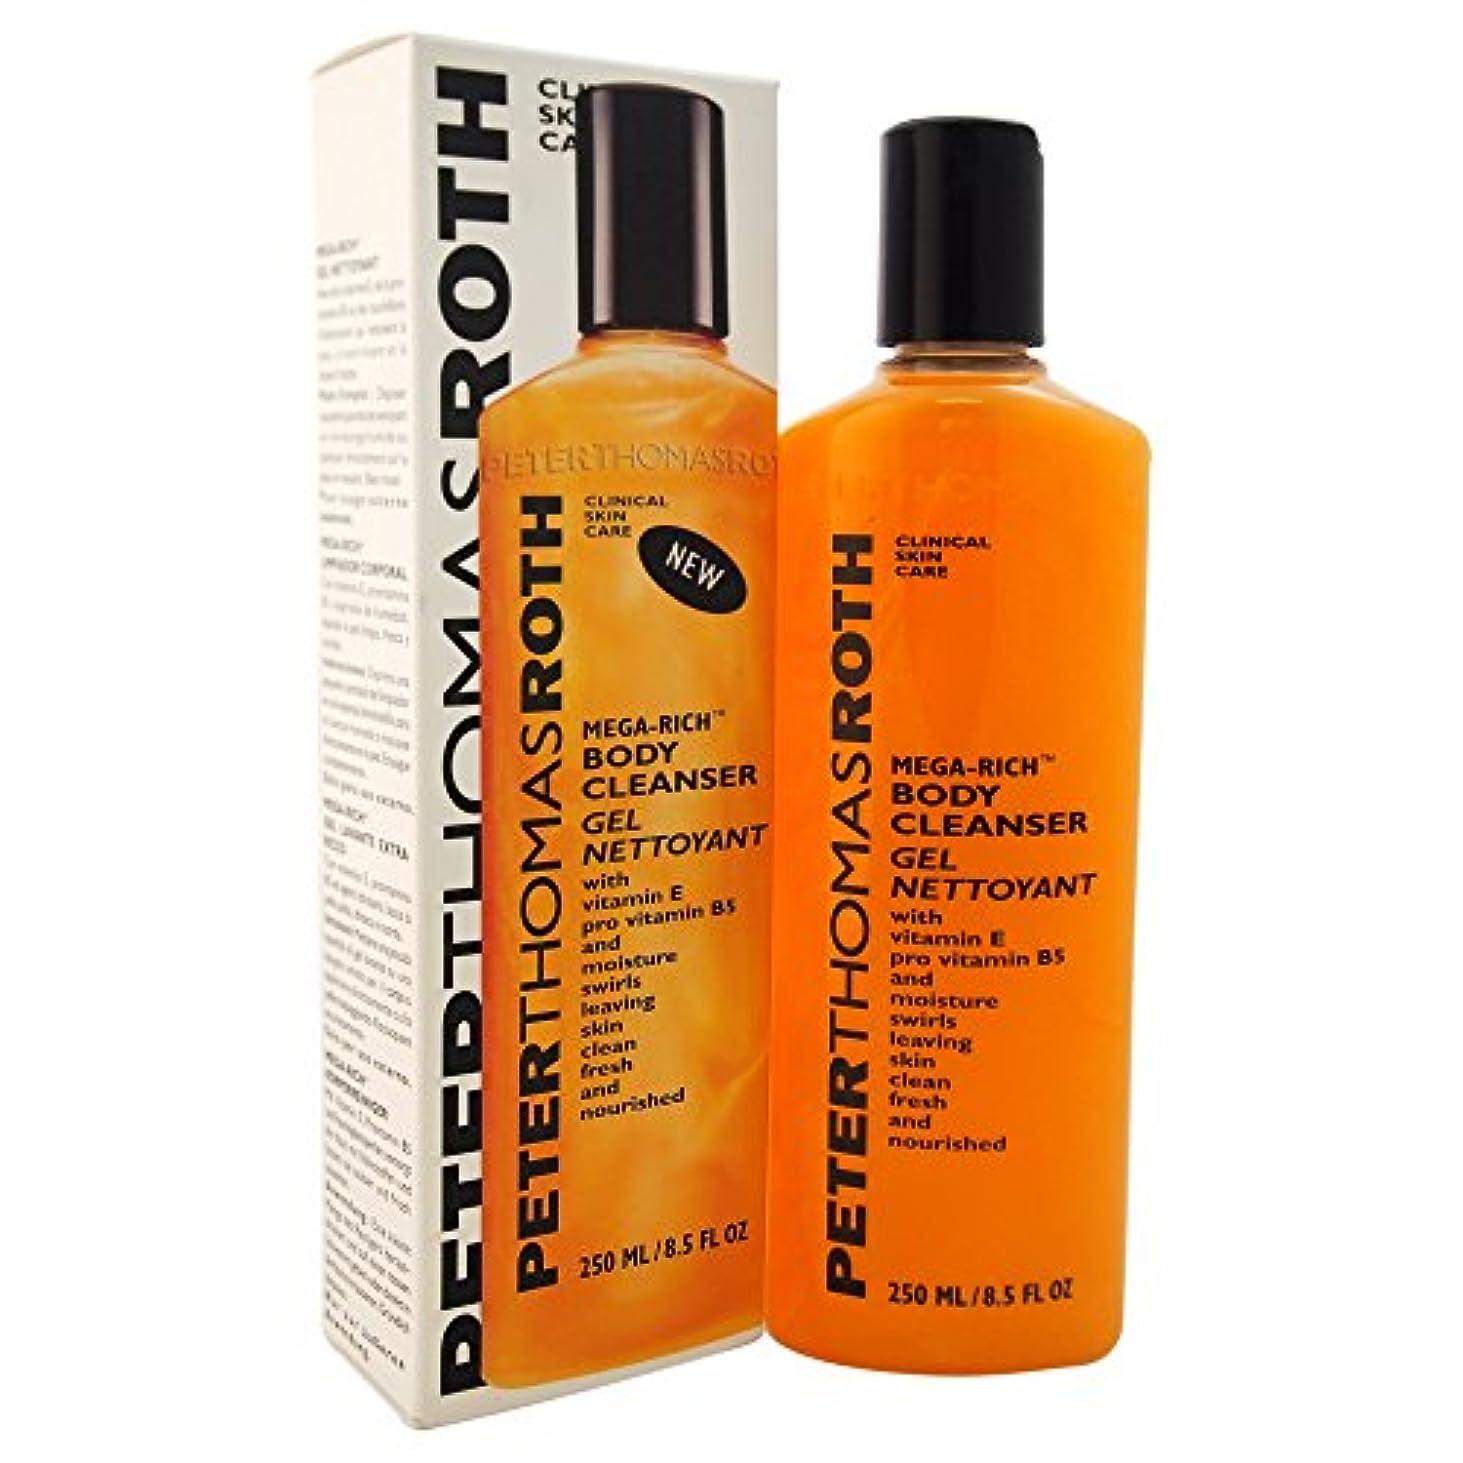 メルボルン高尚なテレビ局Peter Thomas Roth Mega-Rich Body Cleanser Gel (並行輸入品) [並行輸入品]